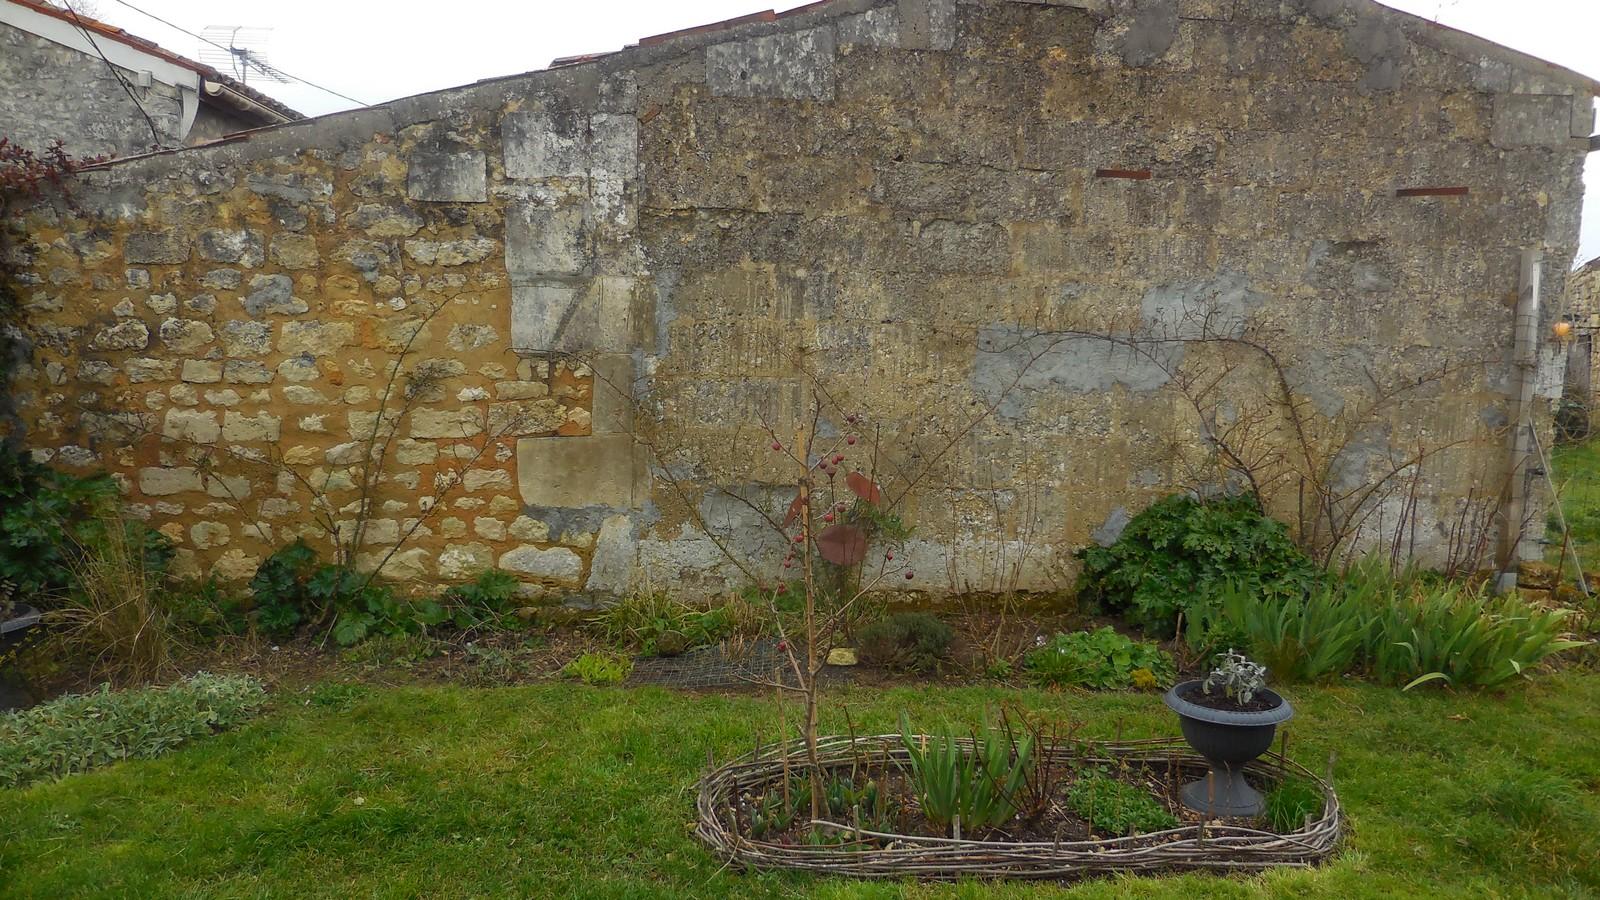 Cagouille 39 s garden taille des rosiers grimpants finie - Taille des rosiers grimpants ...